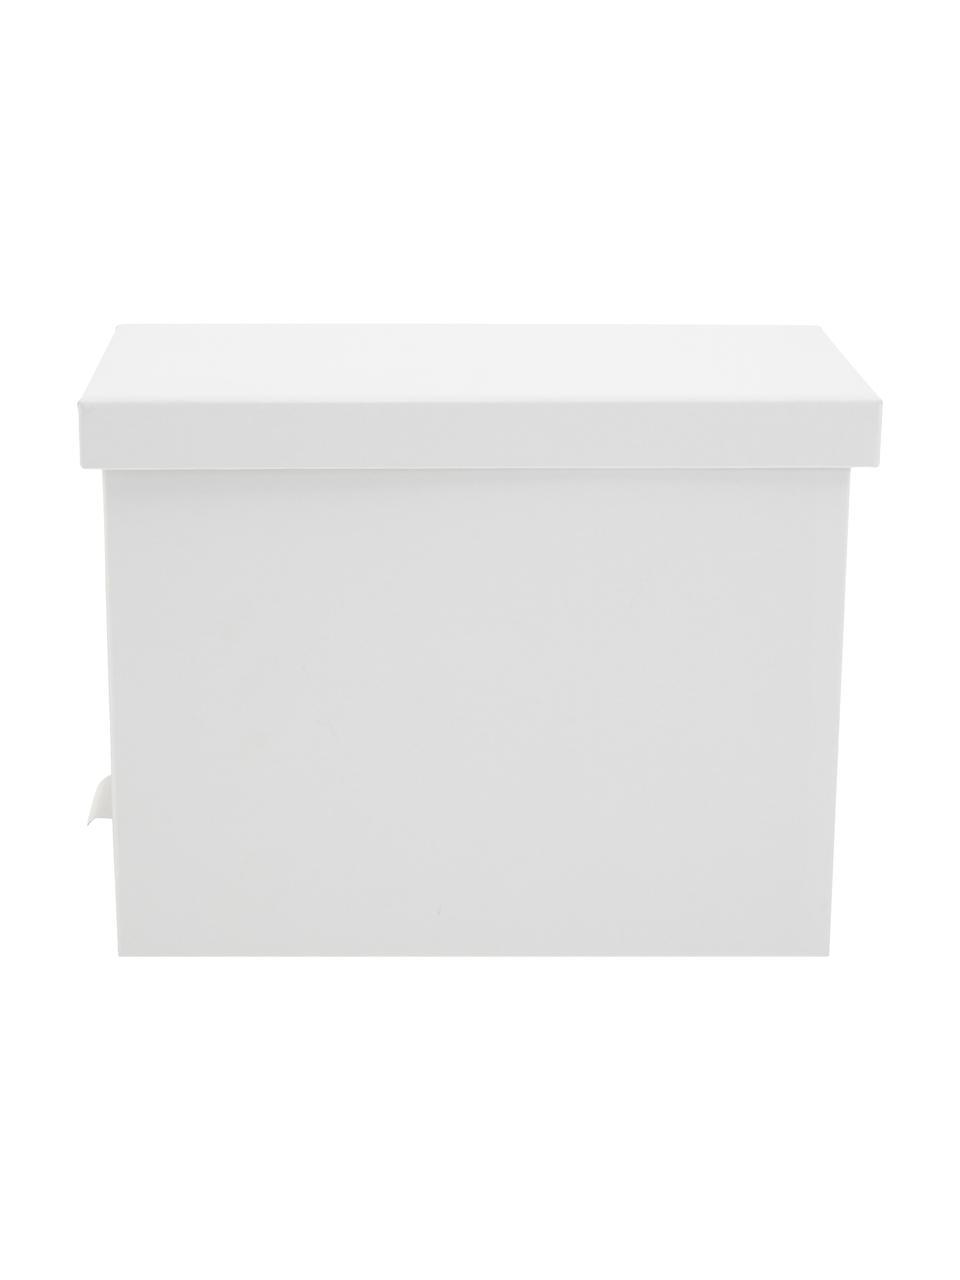 Organizer na dokumenty Johan, 9 elem., Na zewnątrz: biały Wewnątrz: biały, 19 x 27 cm